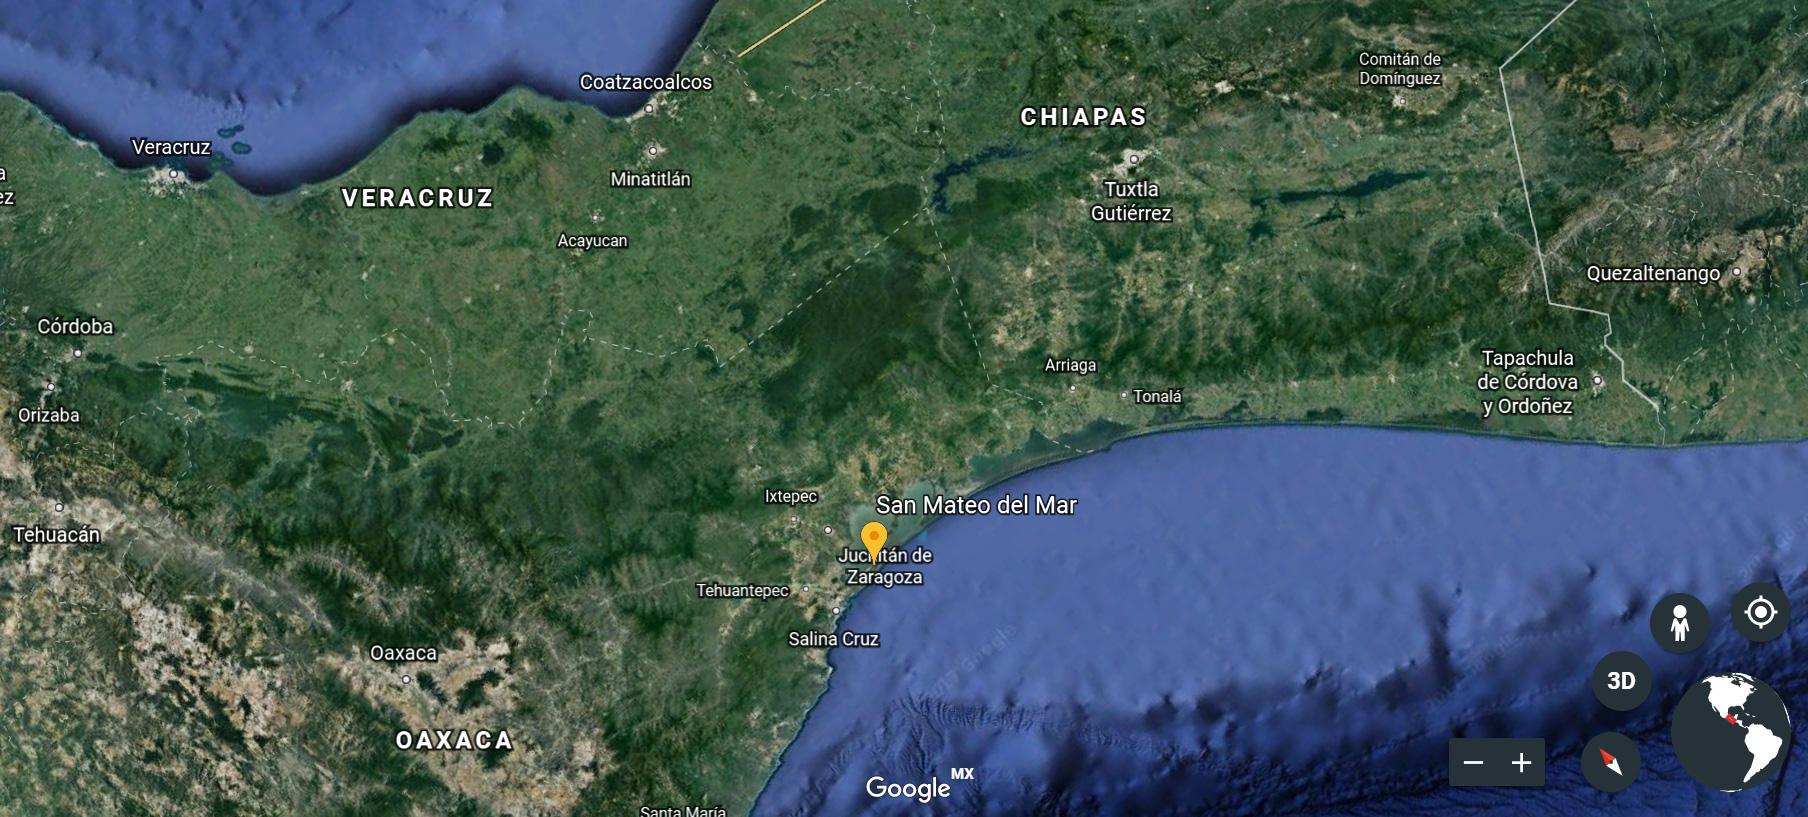 Google Earth of the Oaxaca Region